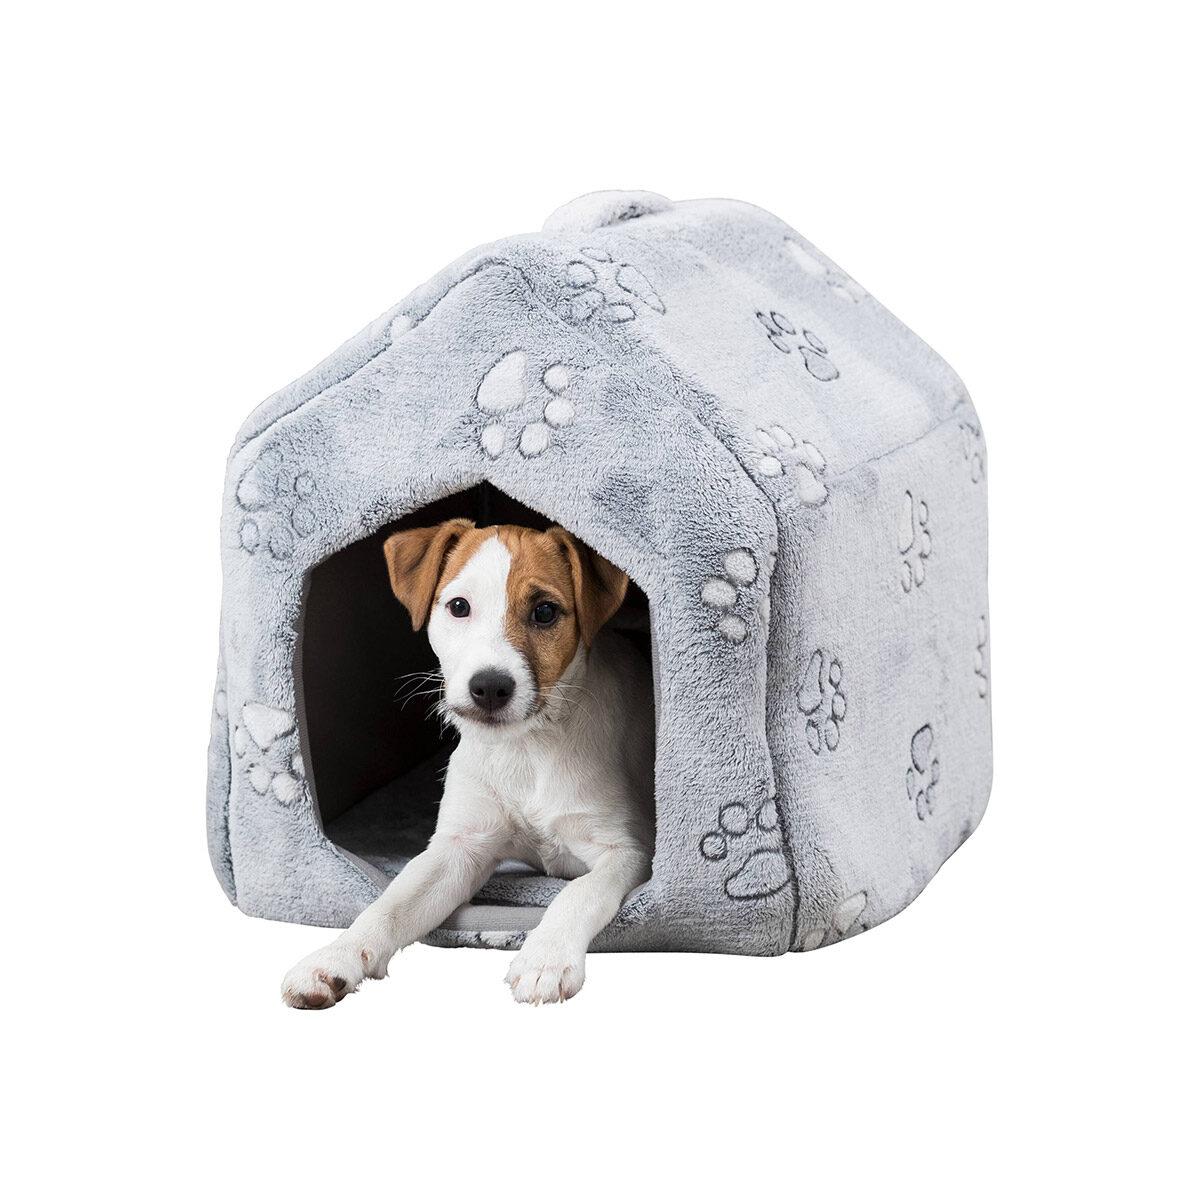 Trixie Hondenmand Kattenmand Schuilplaats Nando